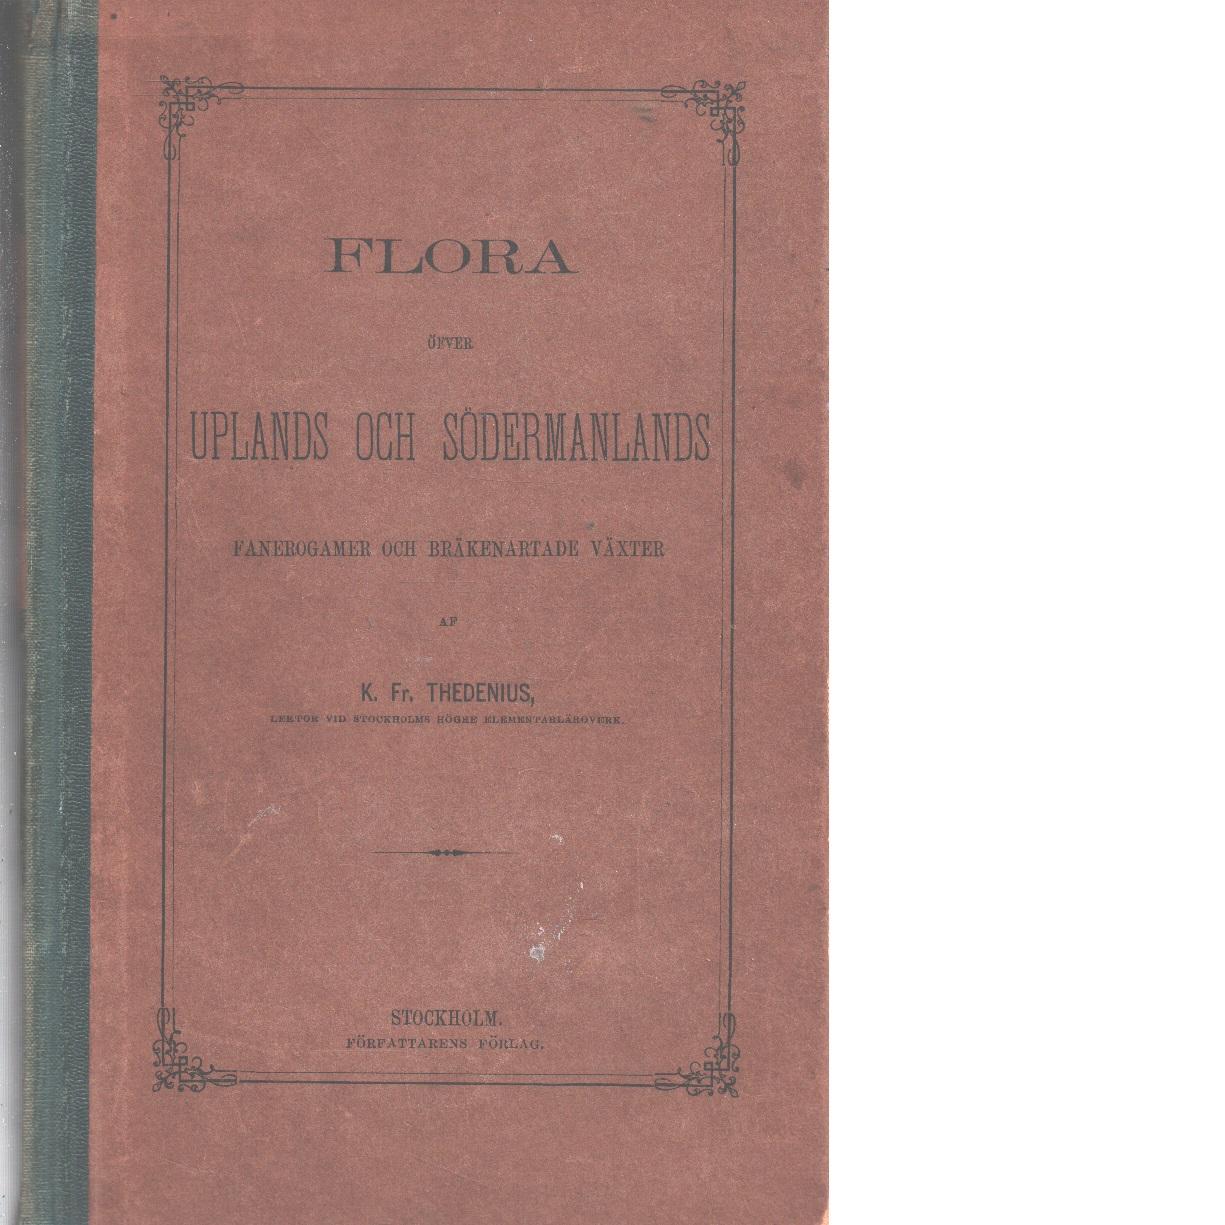 Flora öfver Uplands och Södermanlands fanerogamer och bräkenartade växter - Thedenius, Knut Fredrik